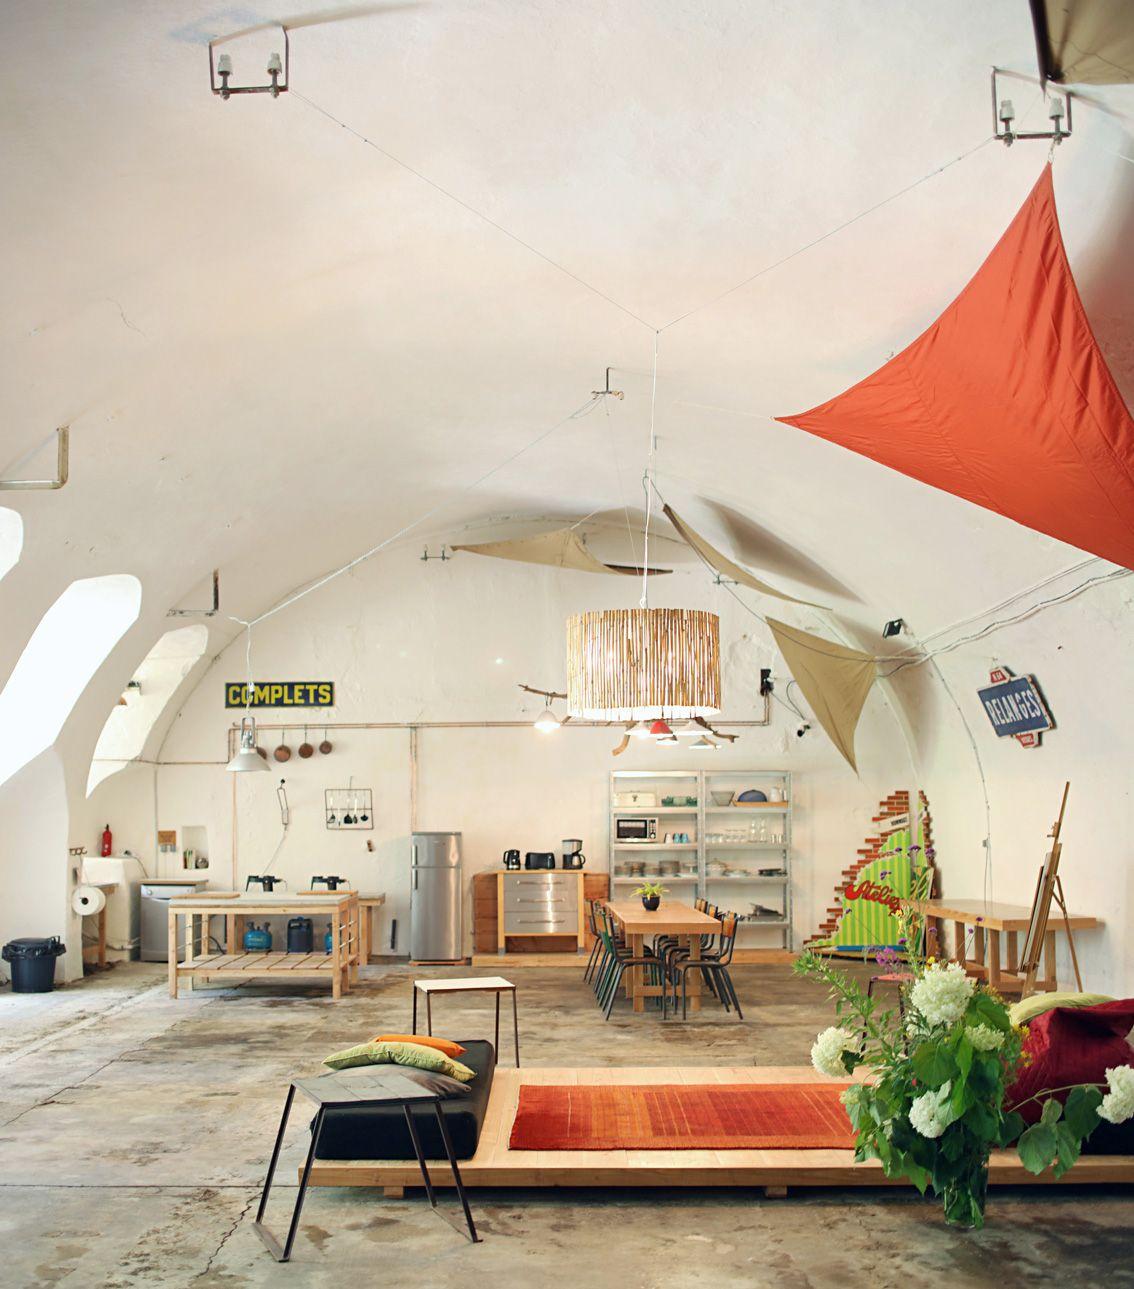 Gîtes, chambres d'hôtes & table d'hôtes en Ardèche : Le Moulinage Chez Soie phot. F. Jacquet